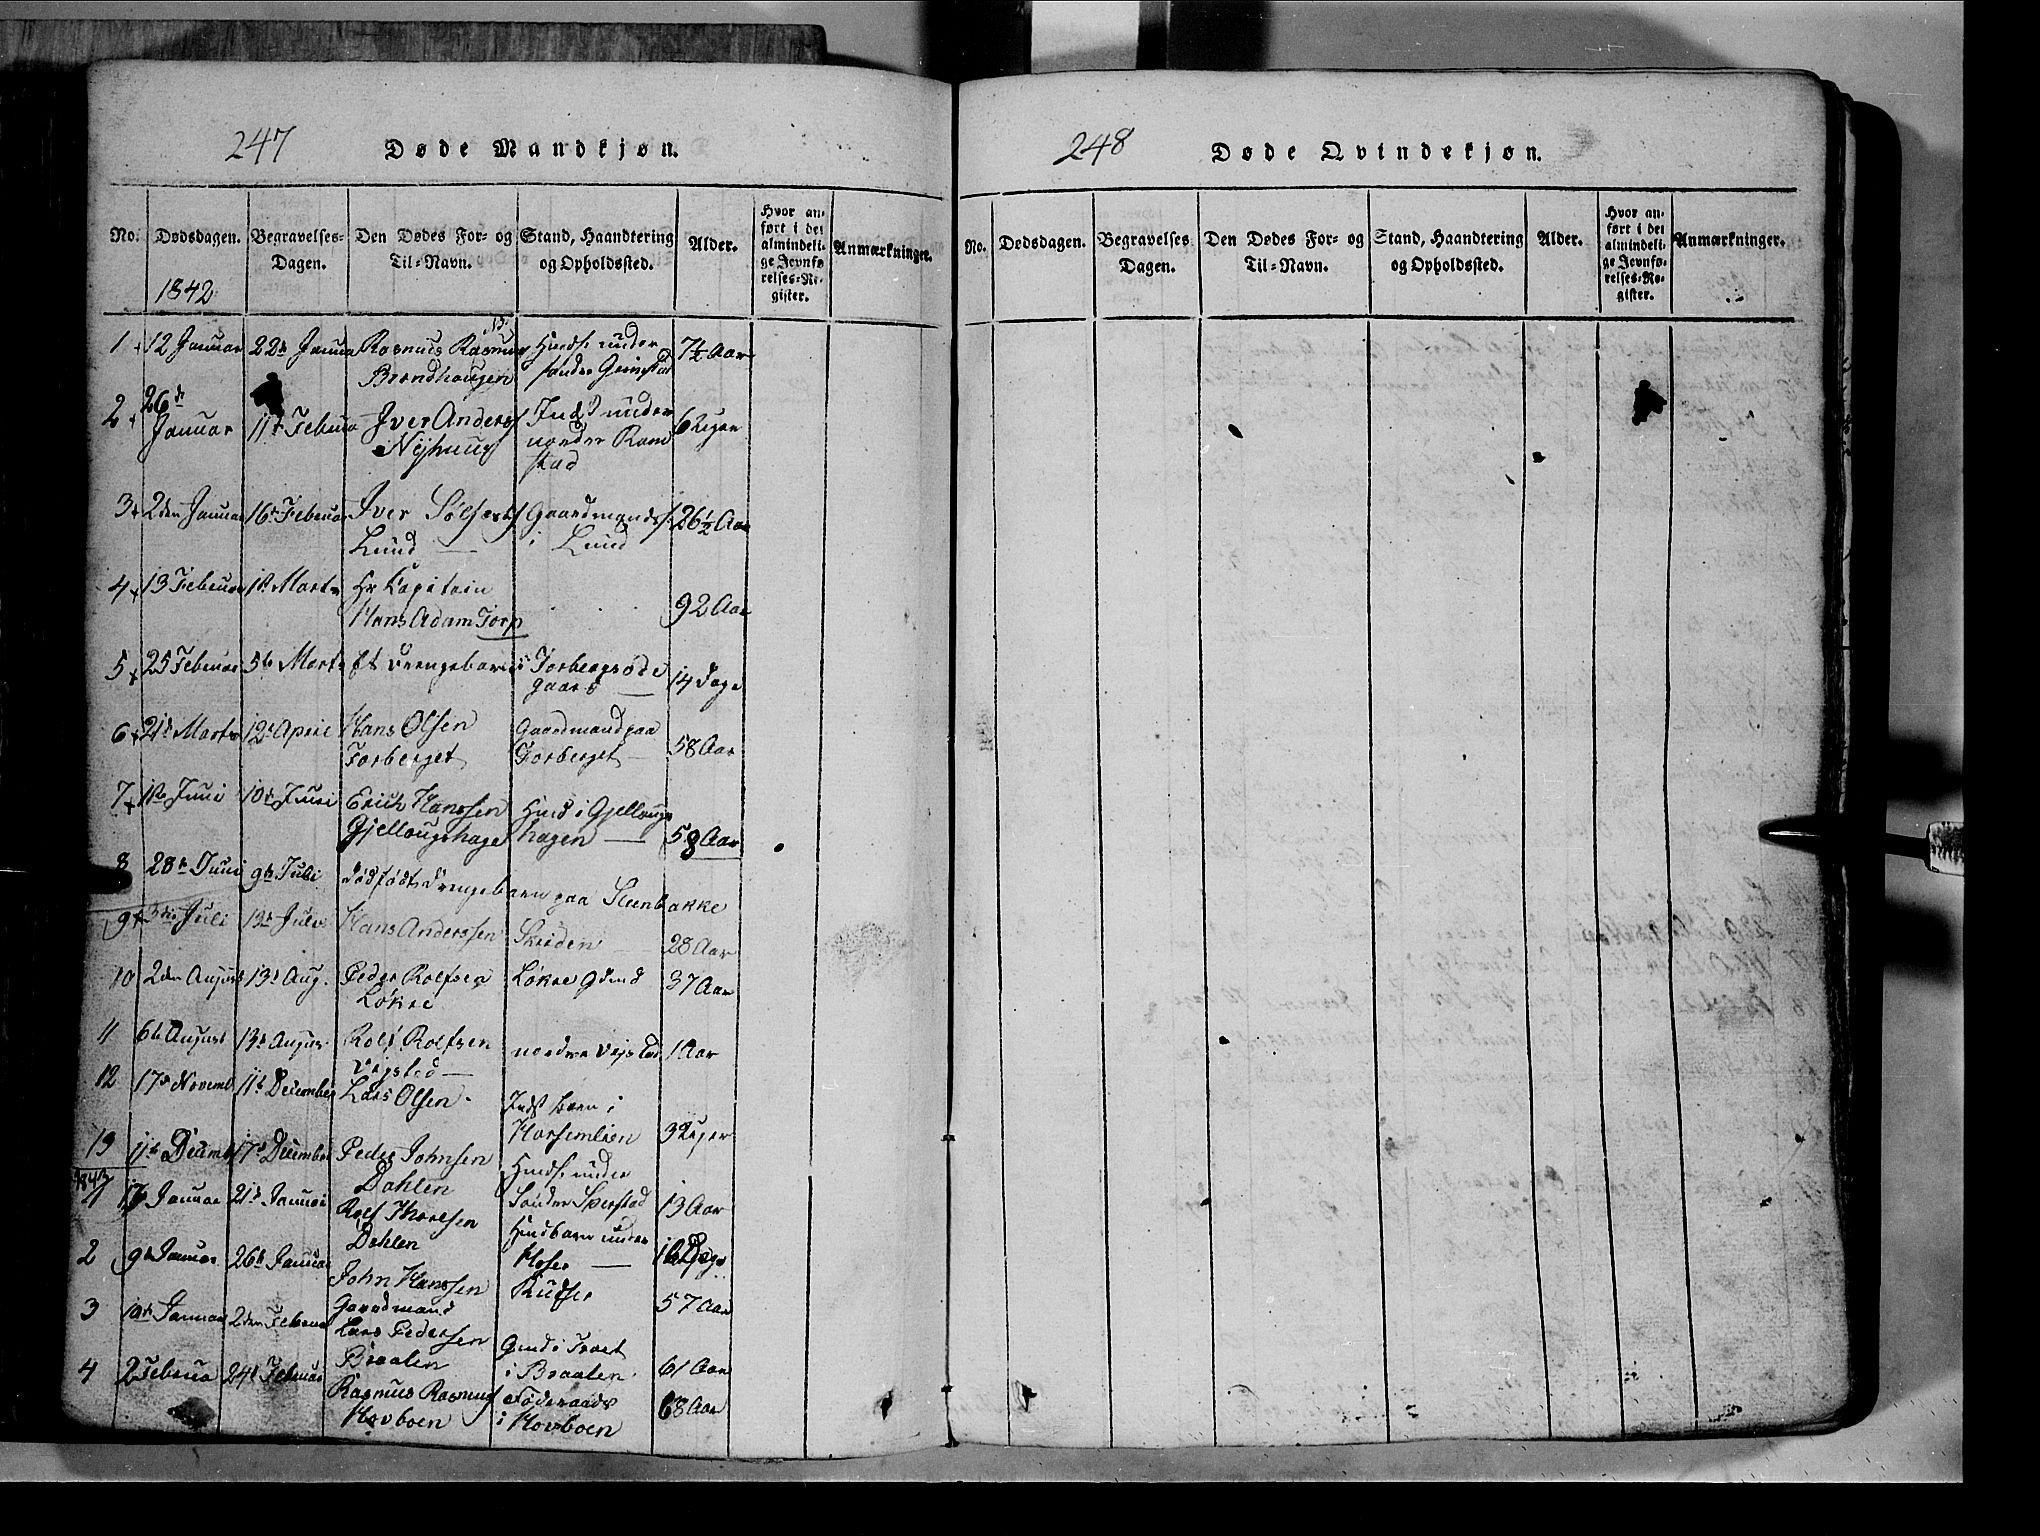 SAH, Lom prestekontor, L/L0003: Klokkerbok nr. 3, 1815-1844, s. 247-248